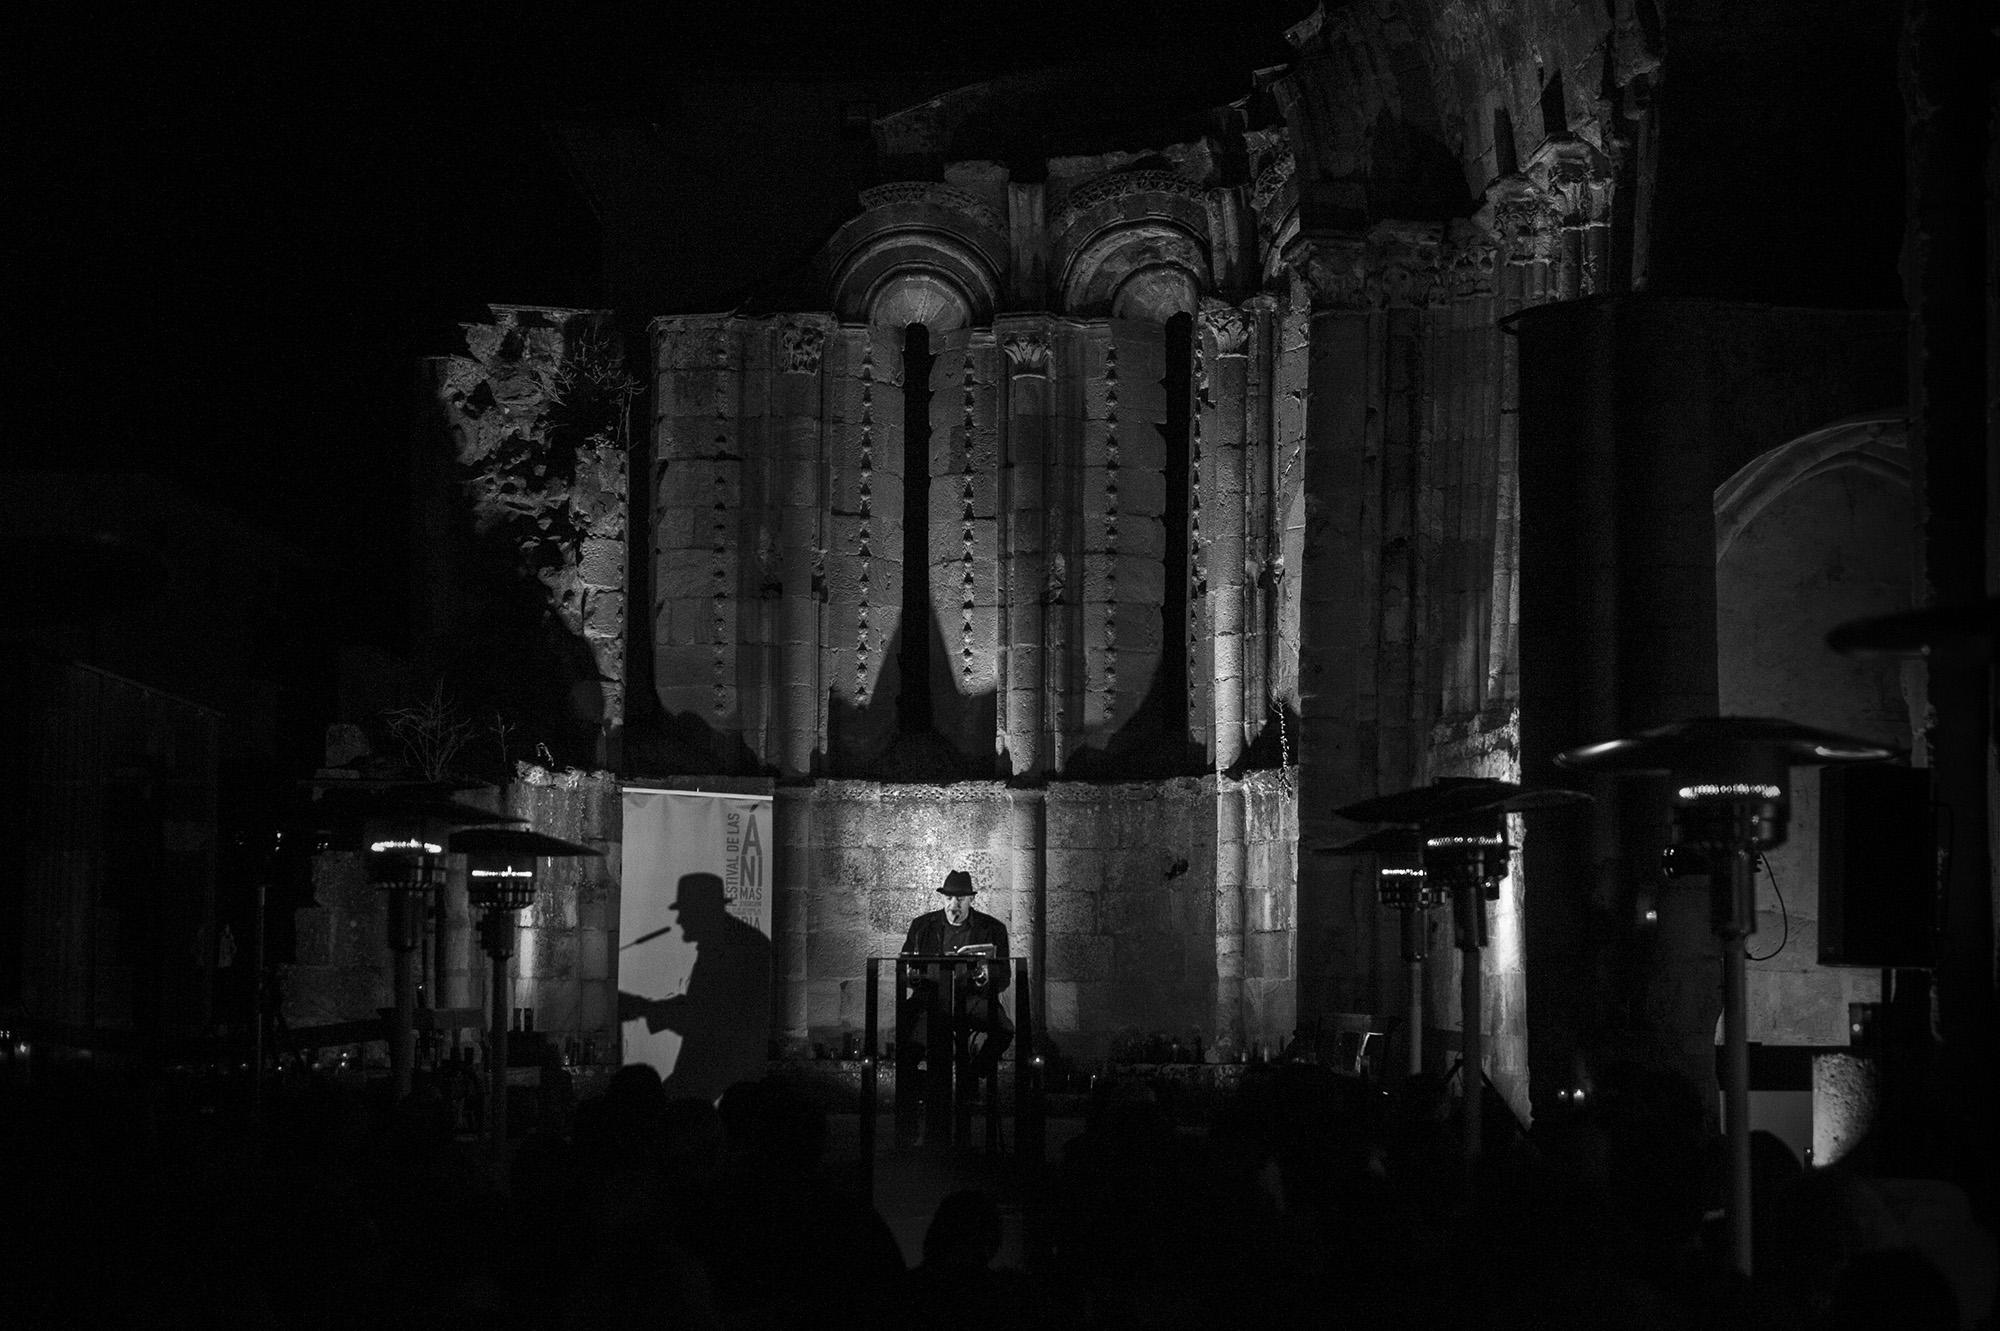 lectura-cesar-millan-soria-animas-2017_5